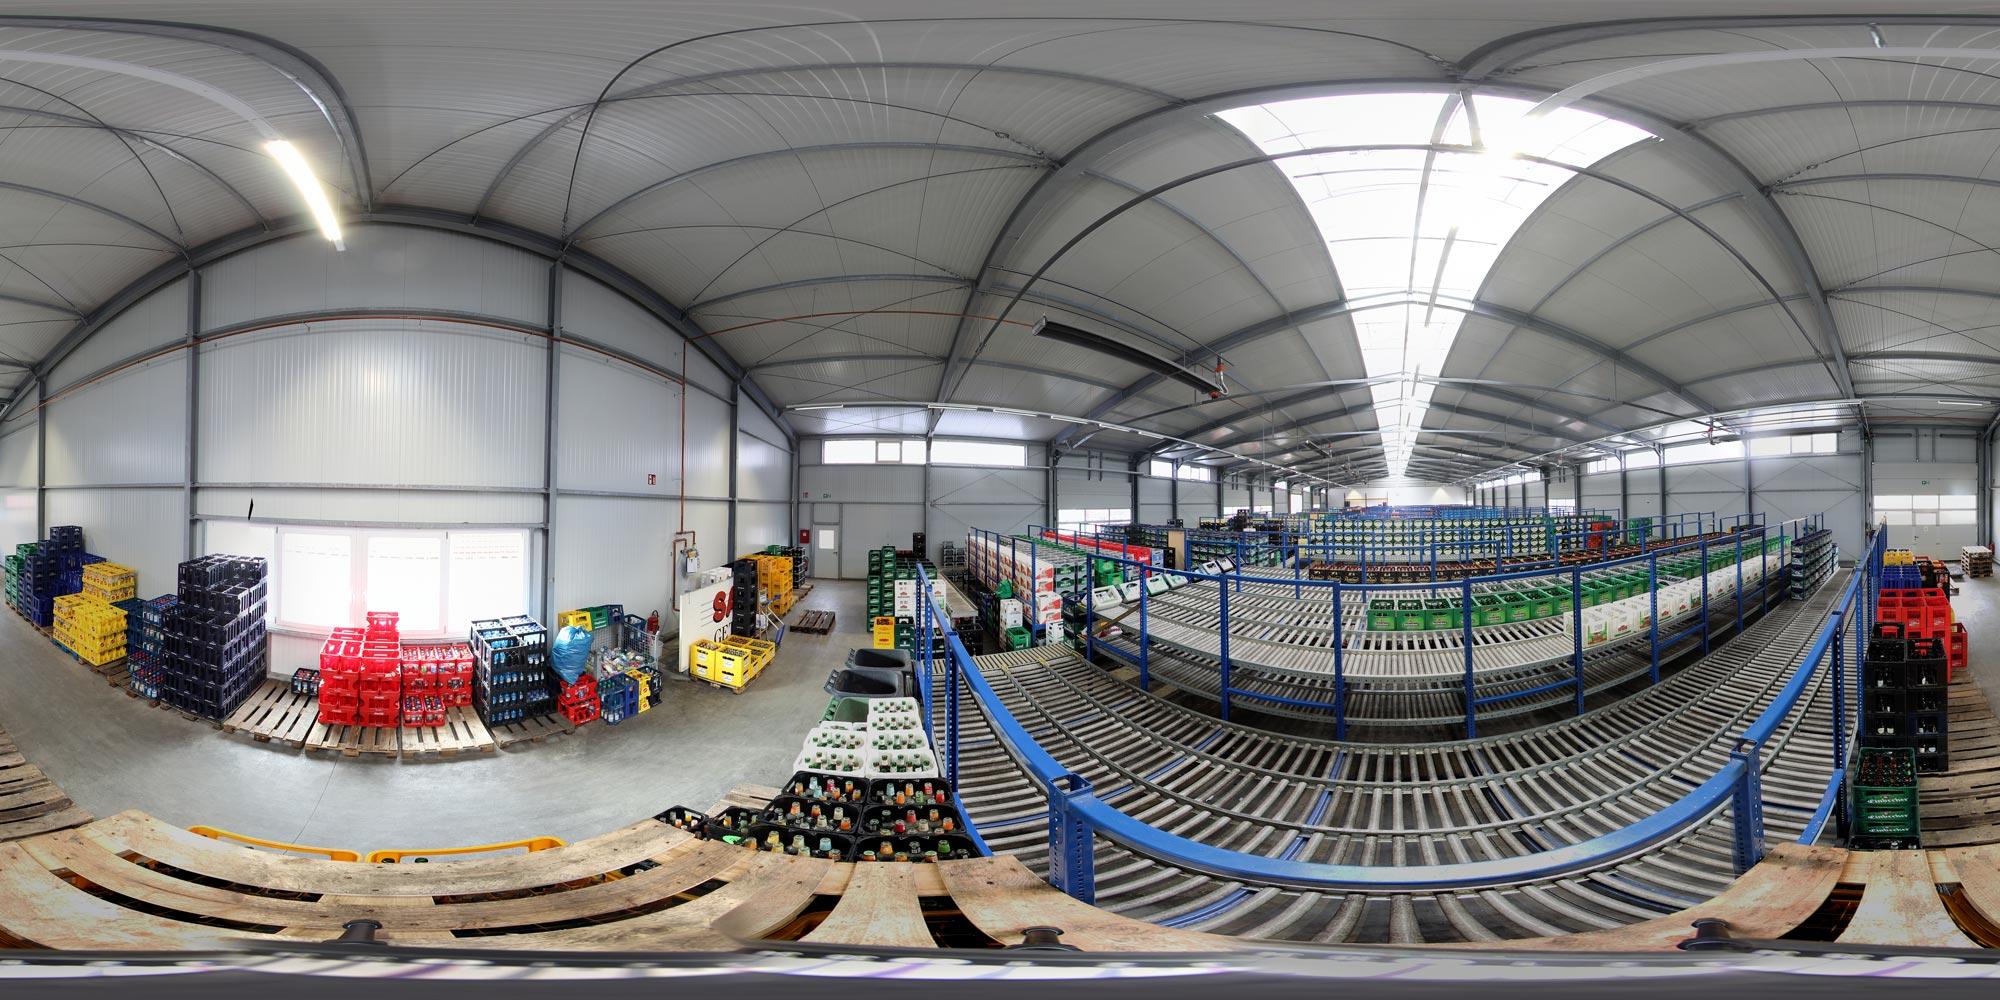 Panorama_Innenansicht_Halle